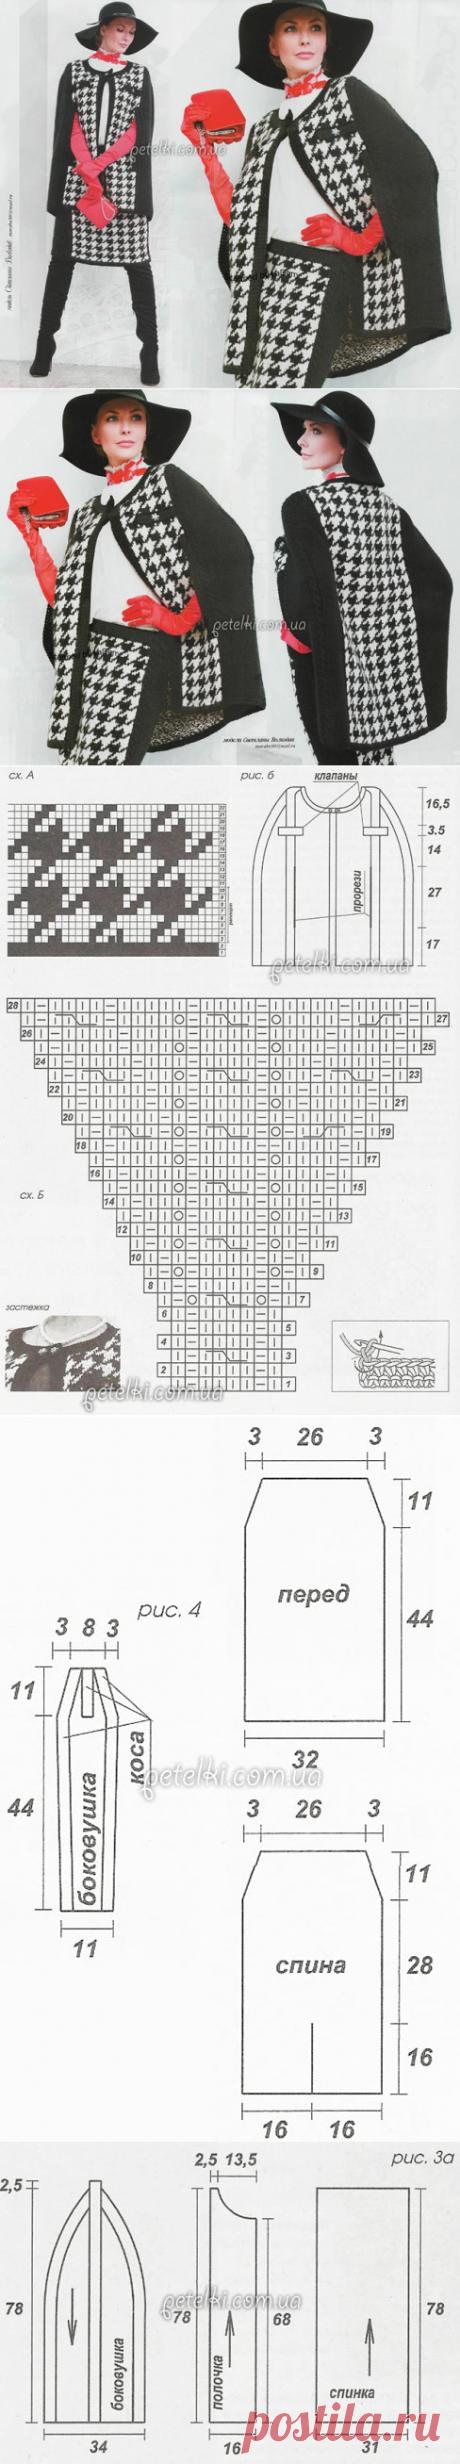 Кейп и юбка жаккардовым узором от Светланы Волкодав. Схемы, описание вязания